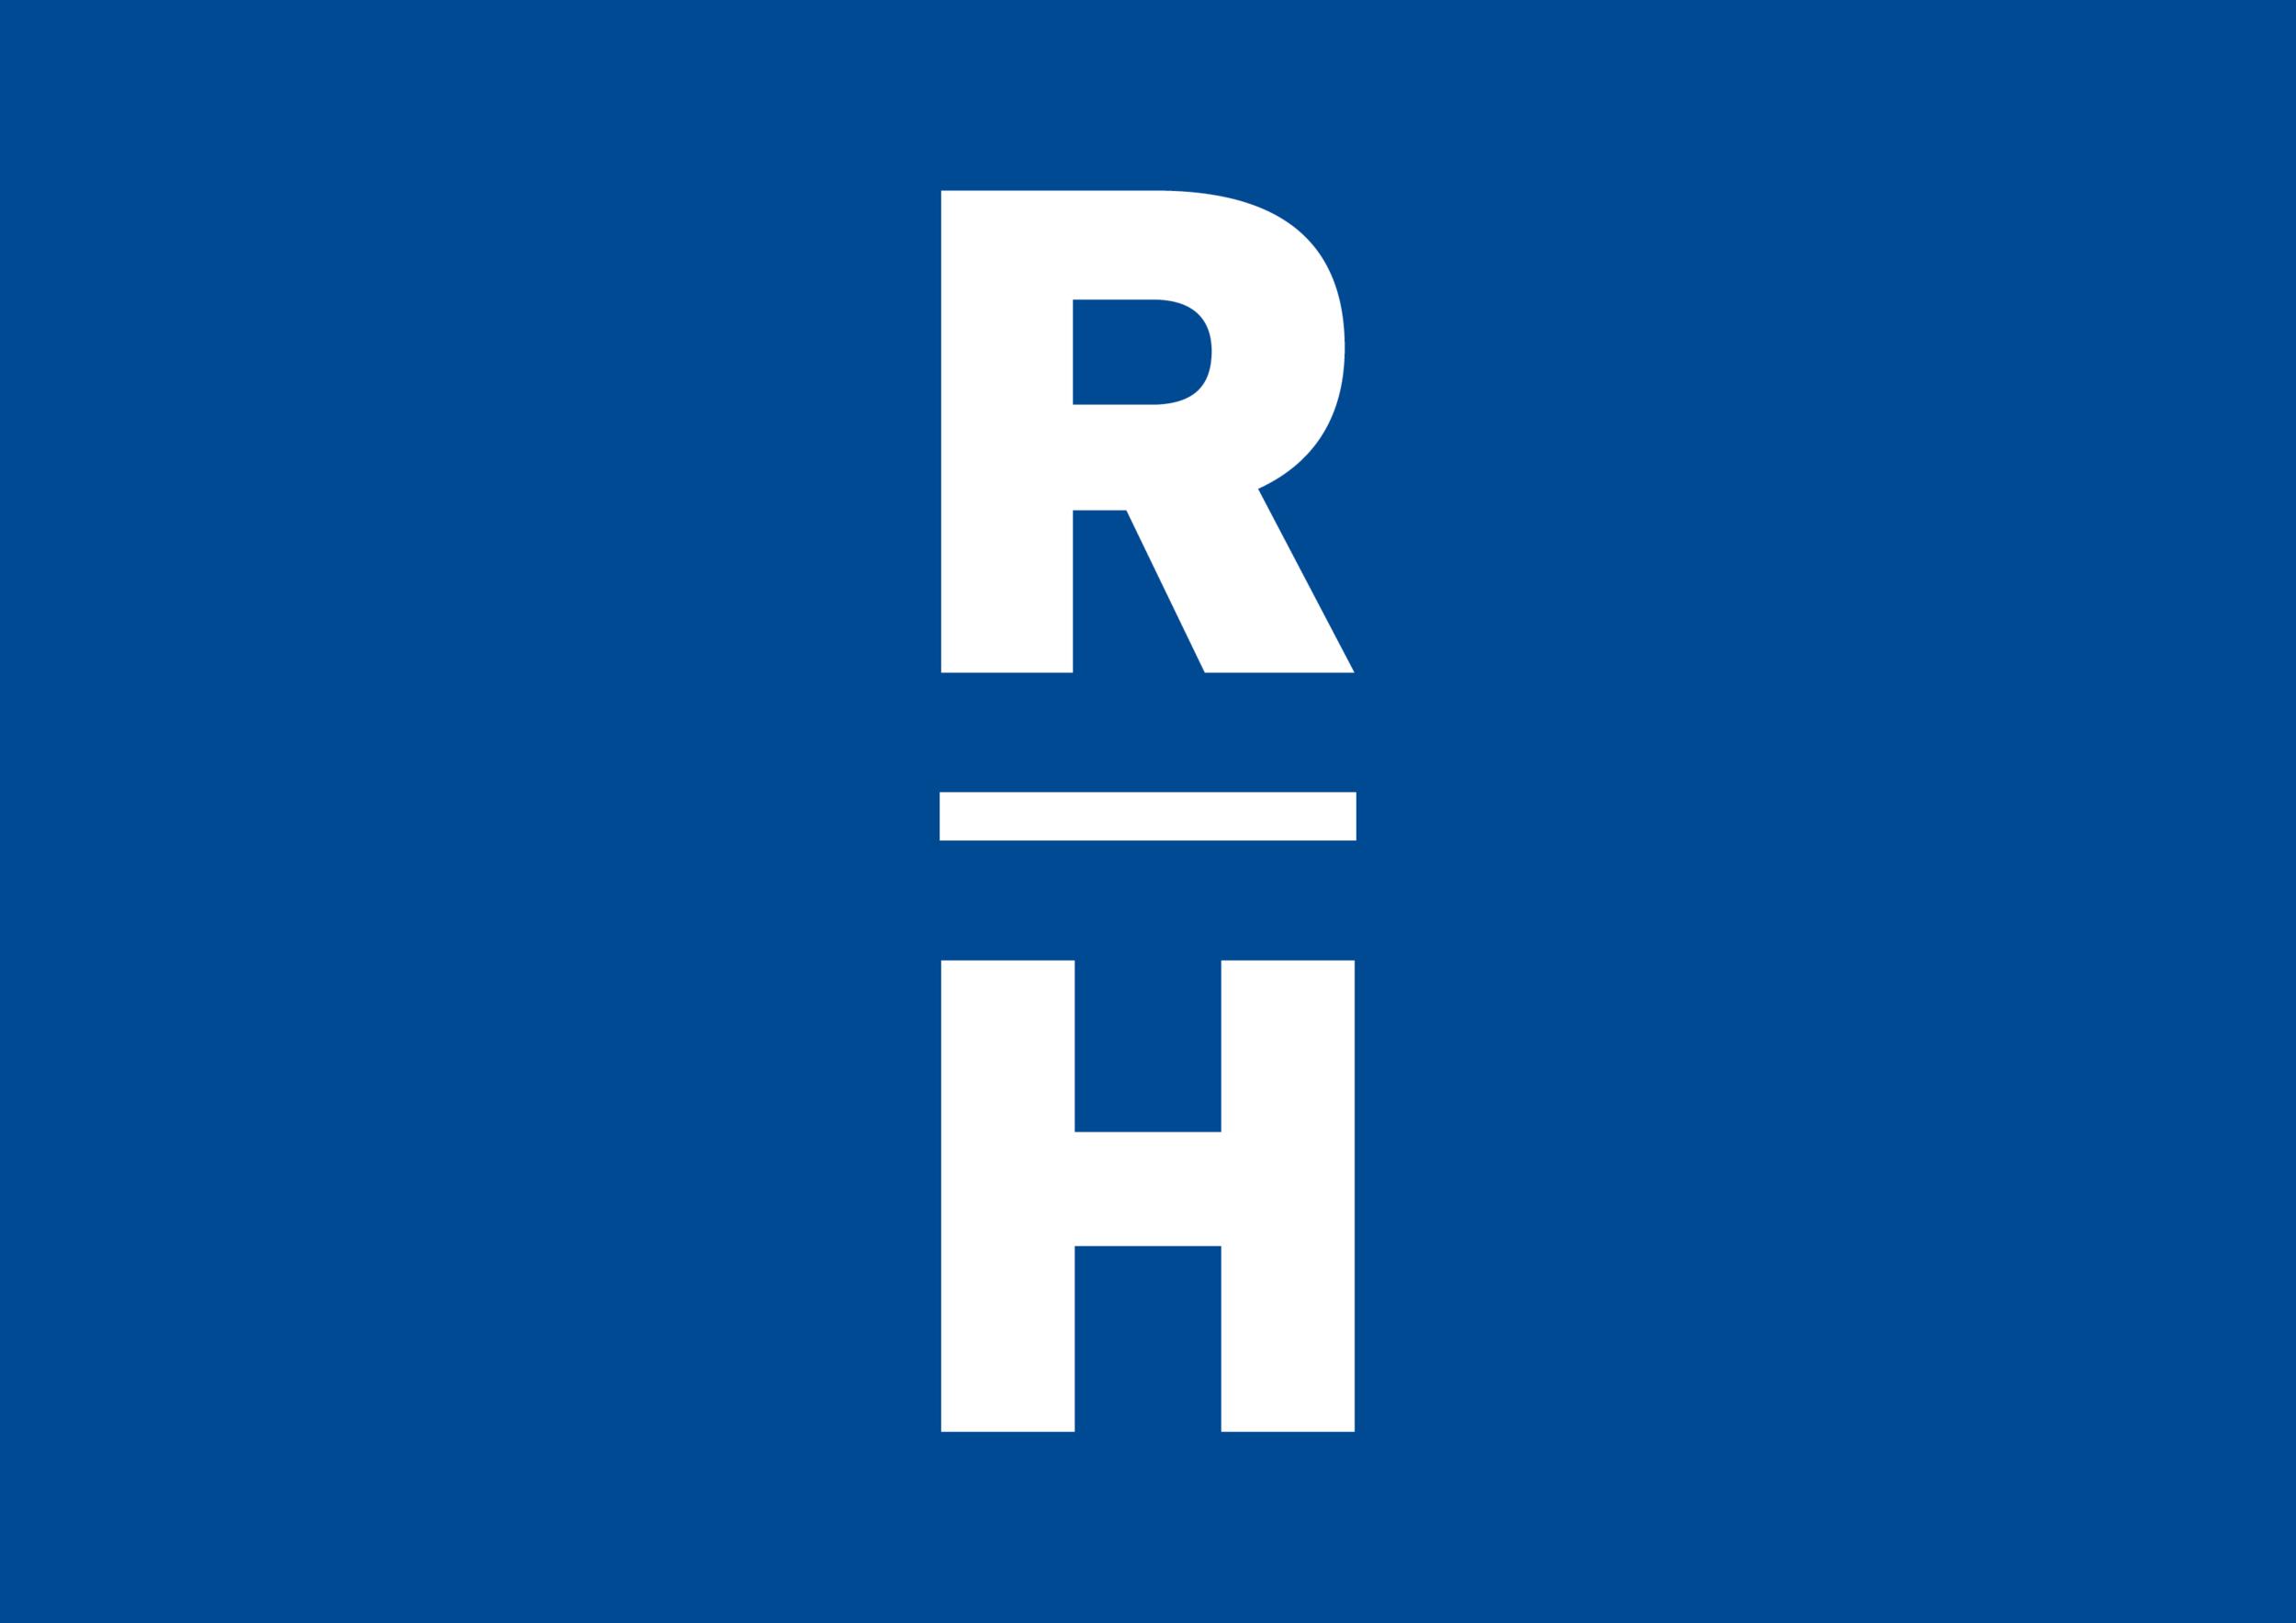 kettnervogl-logo-RH-negativ.png